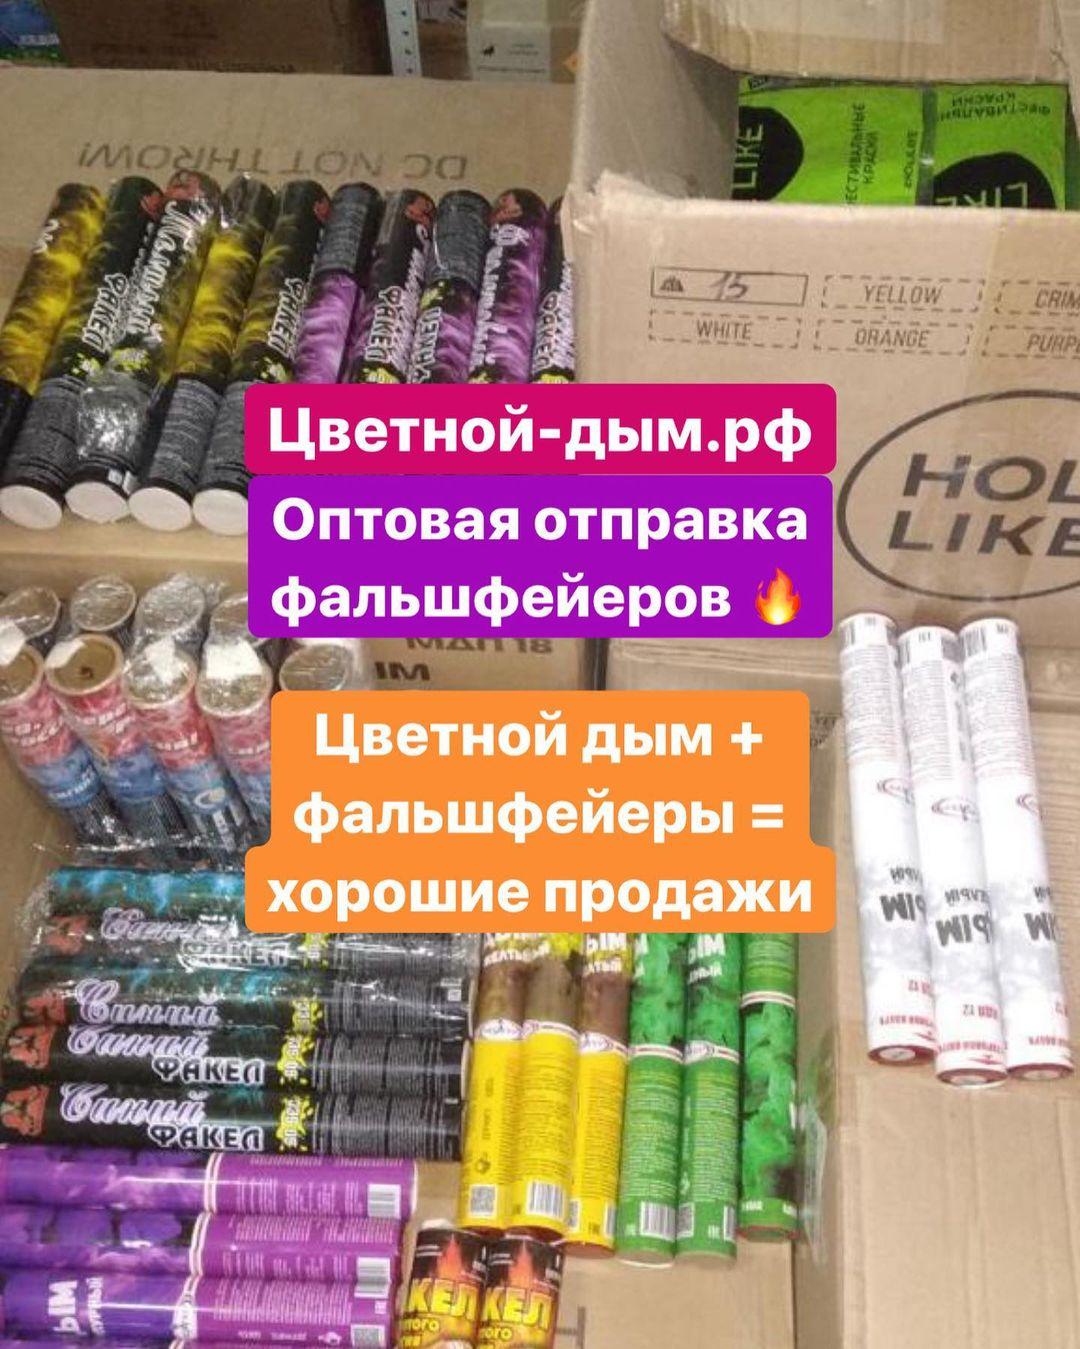 Оптовые отправки цветного дыма - Цветной-дым.рф отзывы